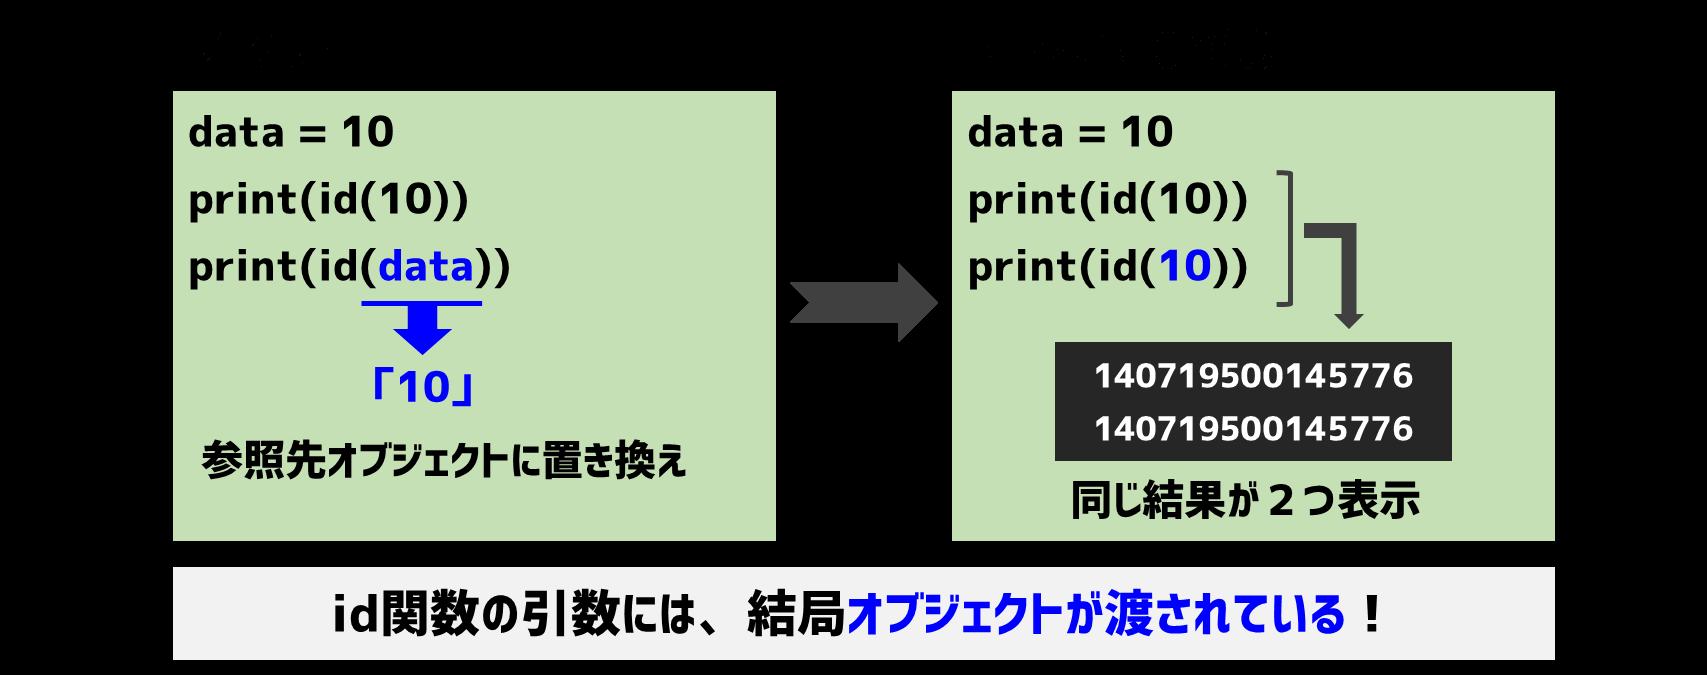 id関数の引数はオブジェクト